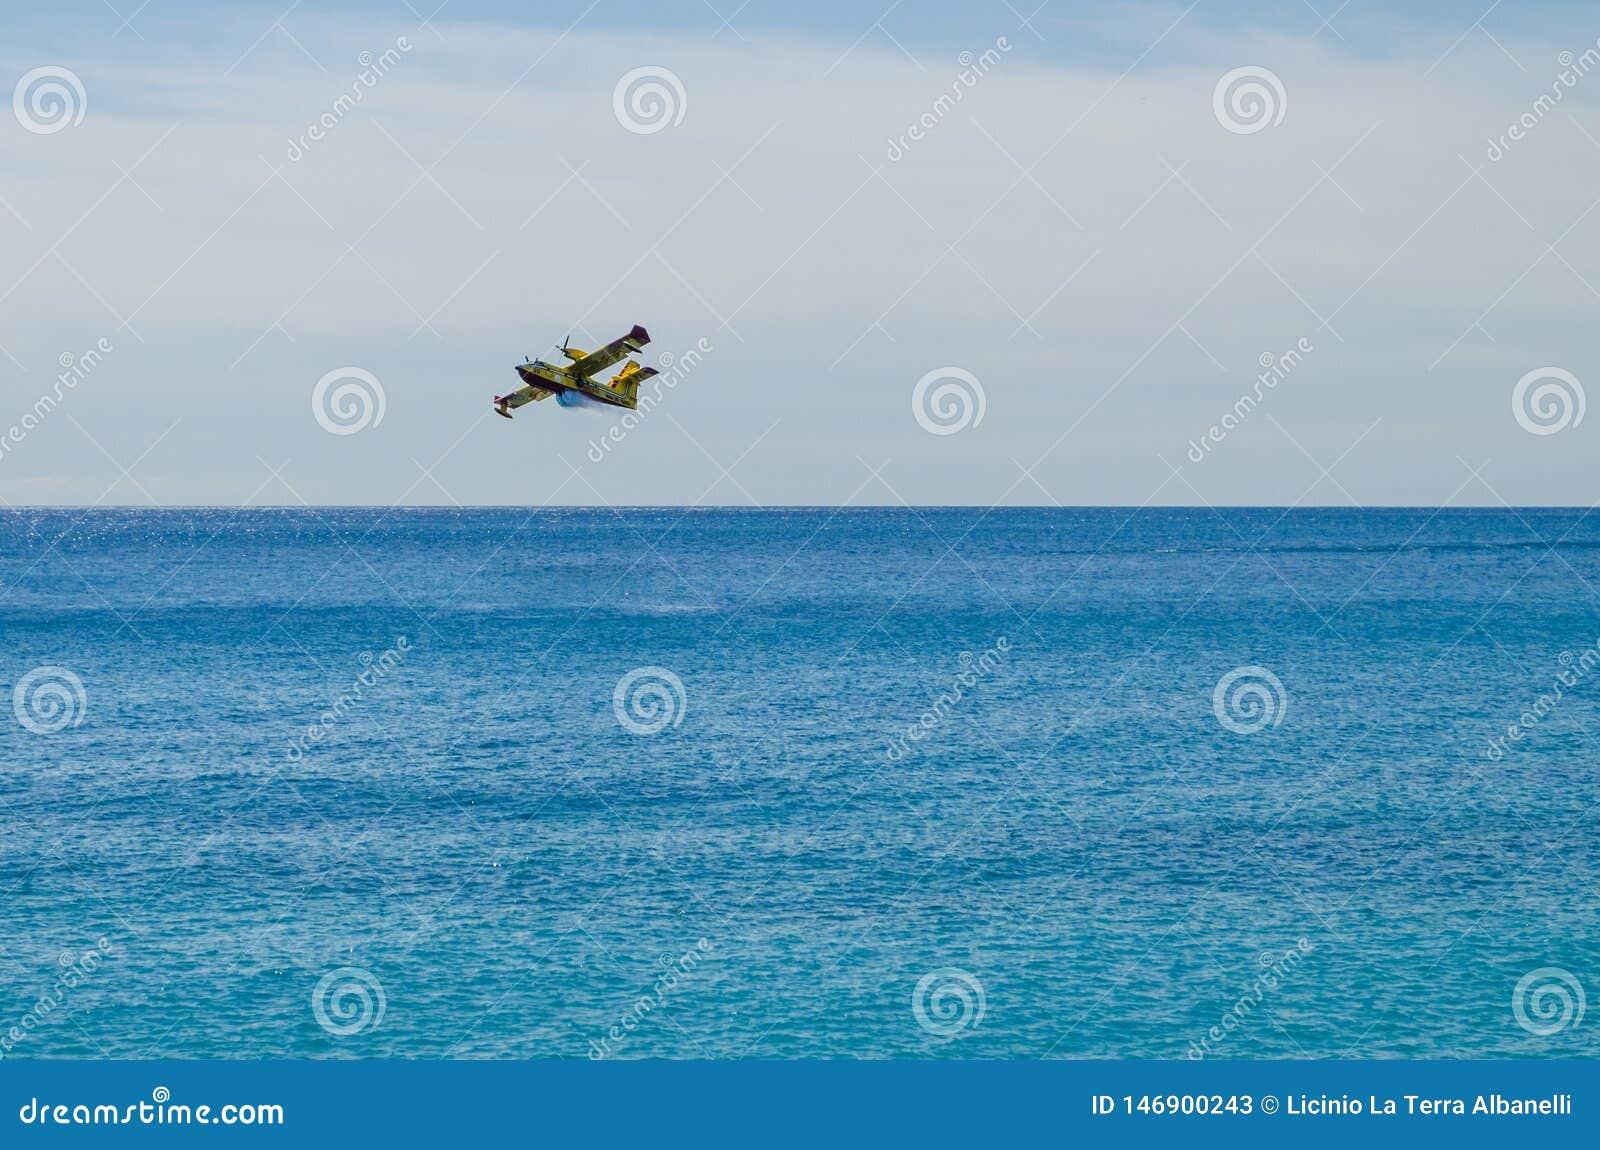 Ein Feuerwehrmann Canadair im Flug während einer Seeübung